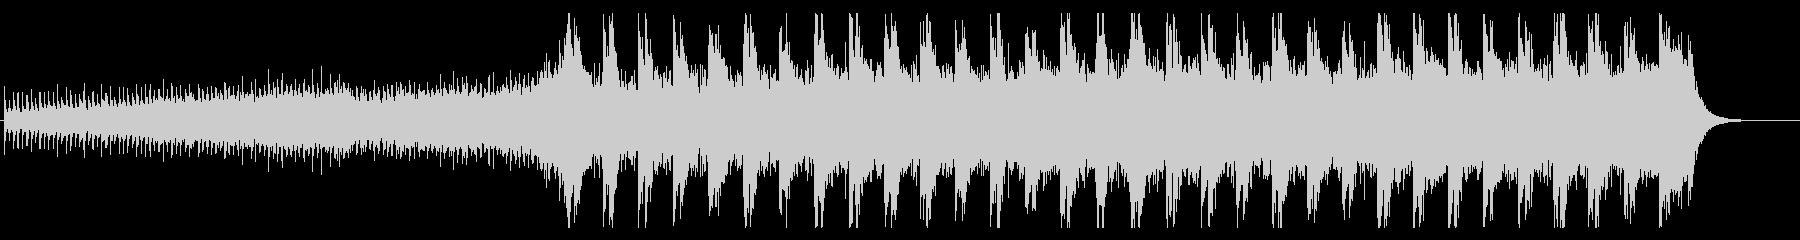 映画音楽のような壮大で緊迫感のあるBGMの未再生の波形